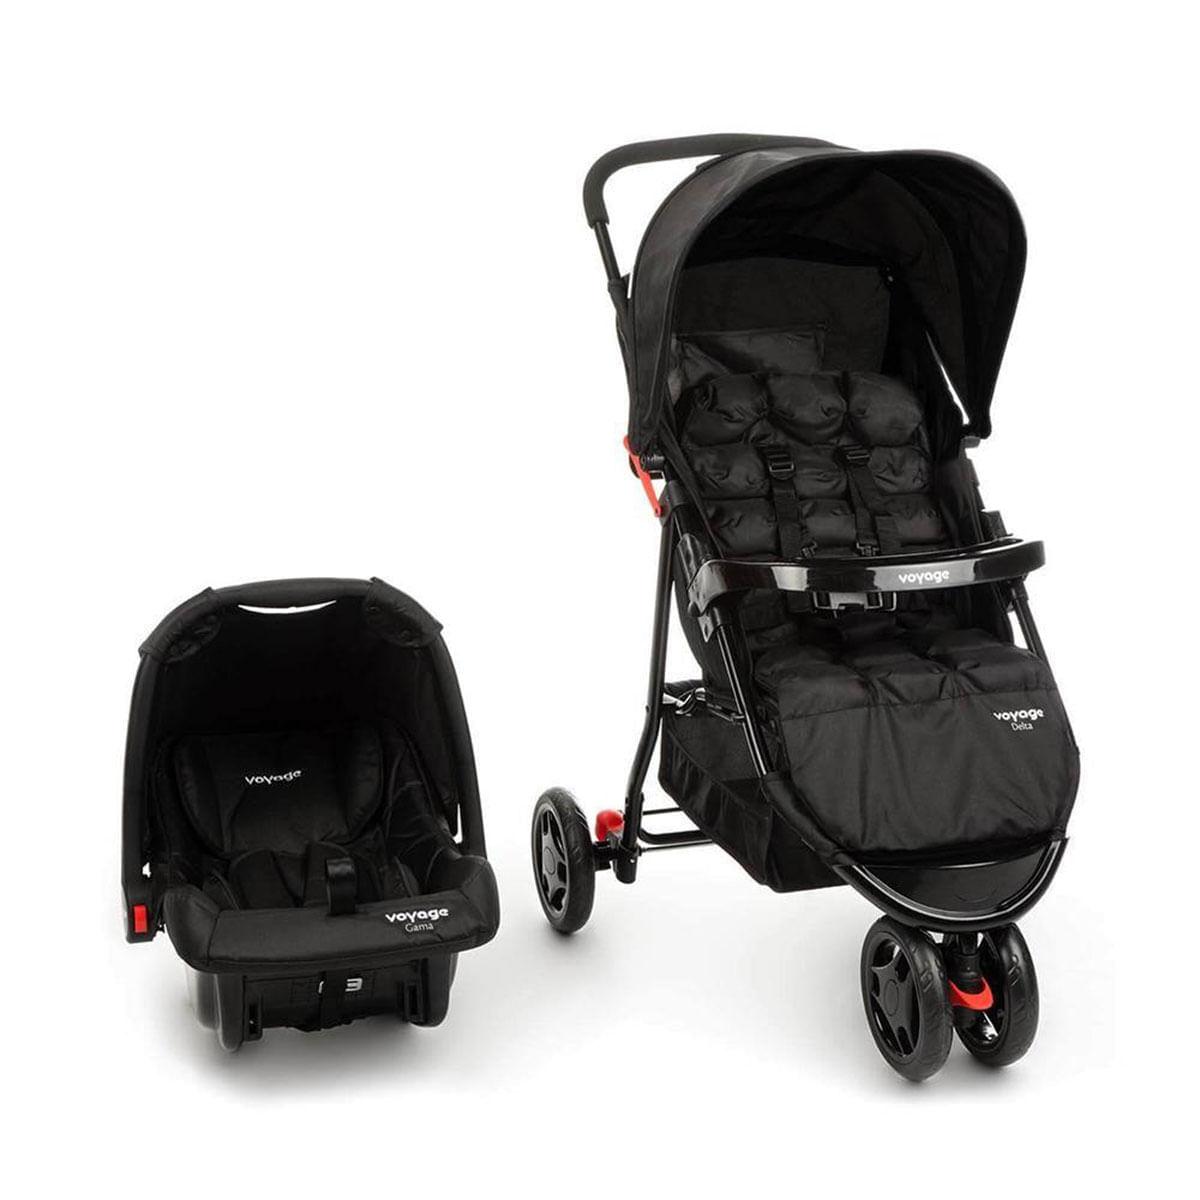 Carrinho com Bebê Conforto Travel System Delta -Voyage Preto